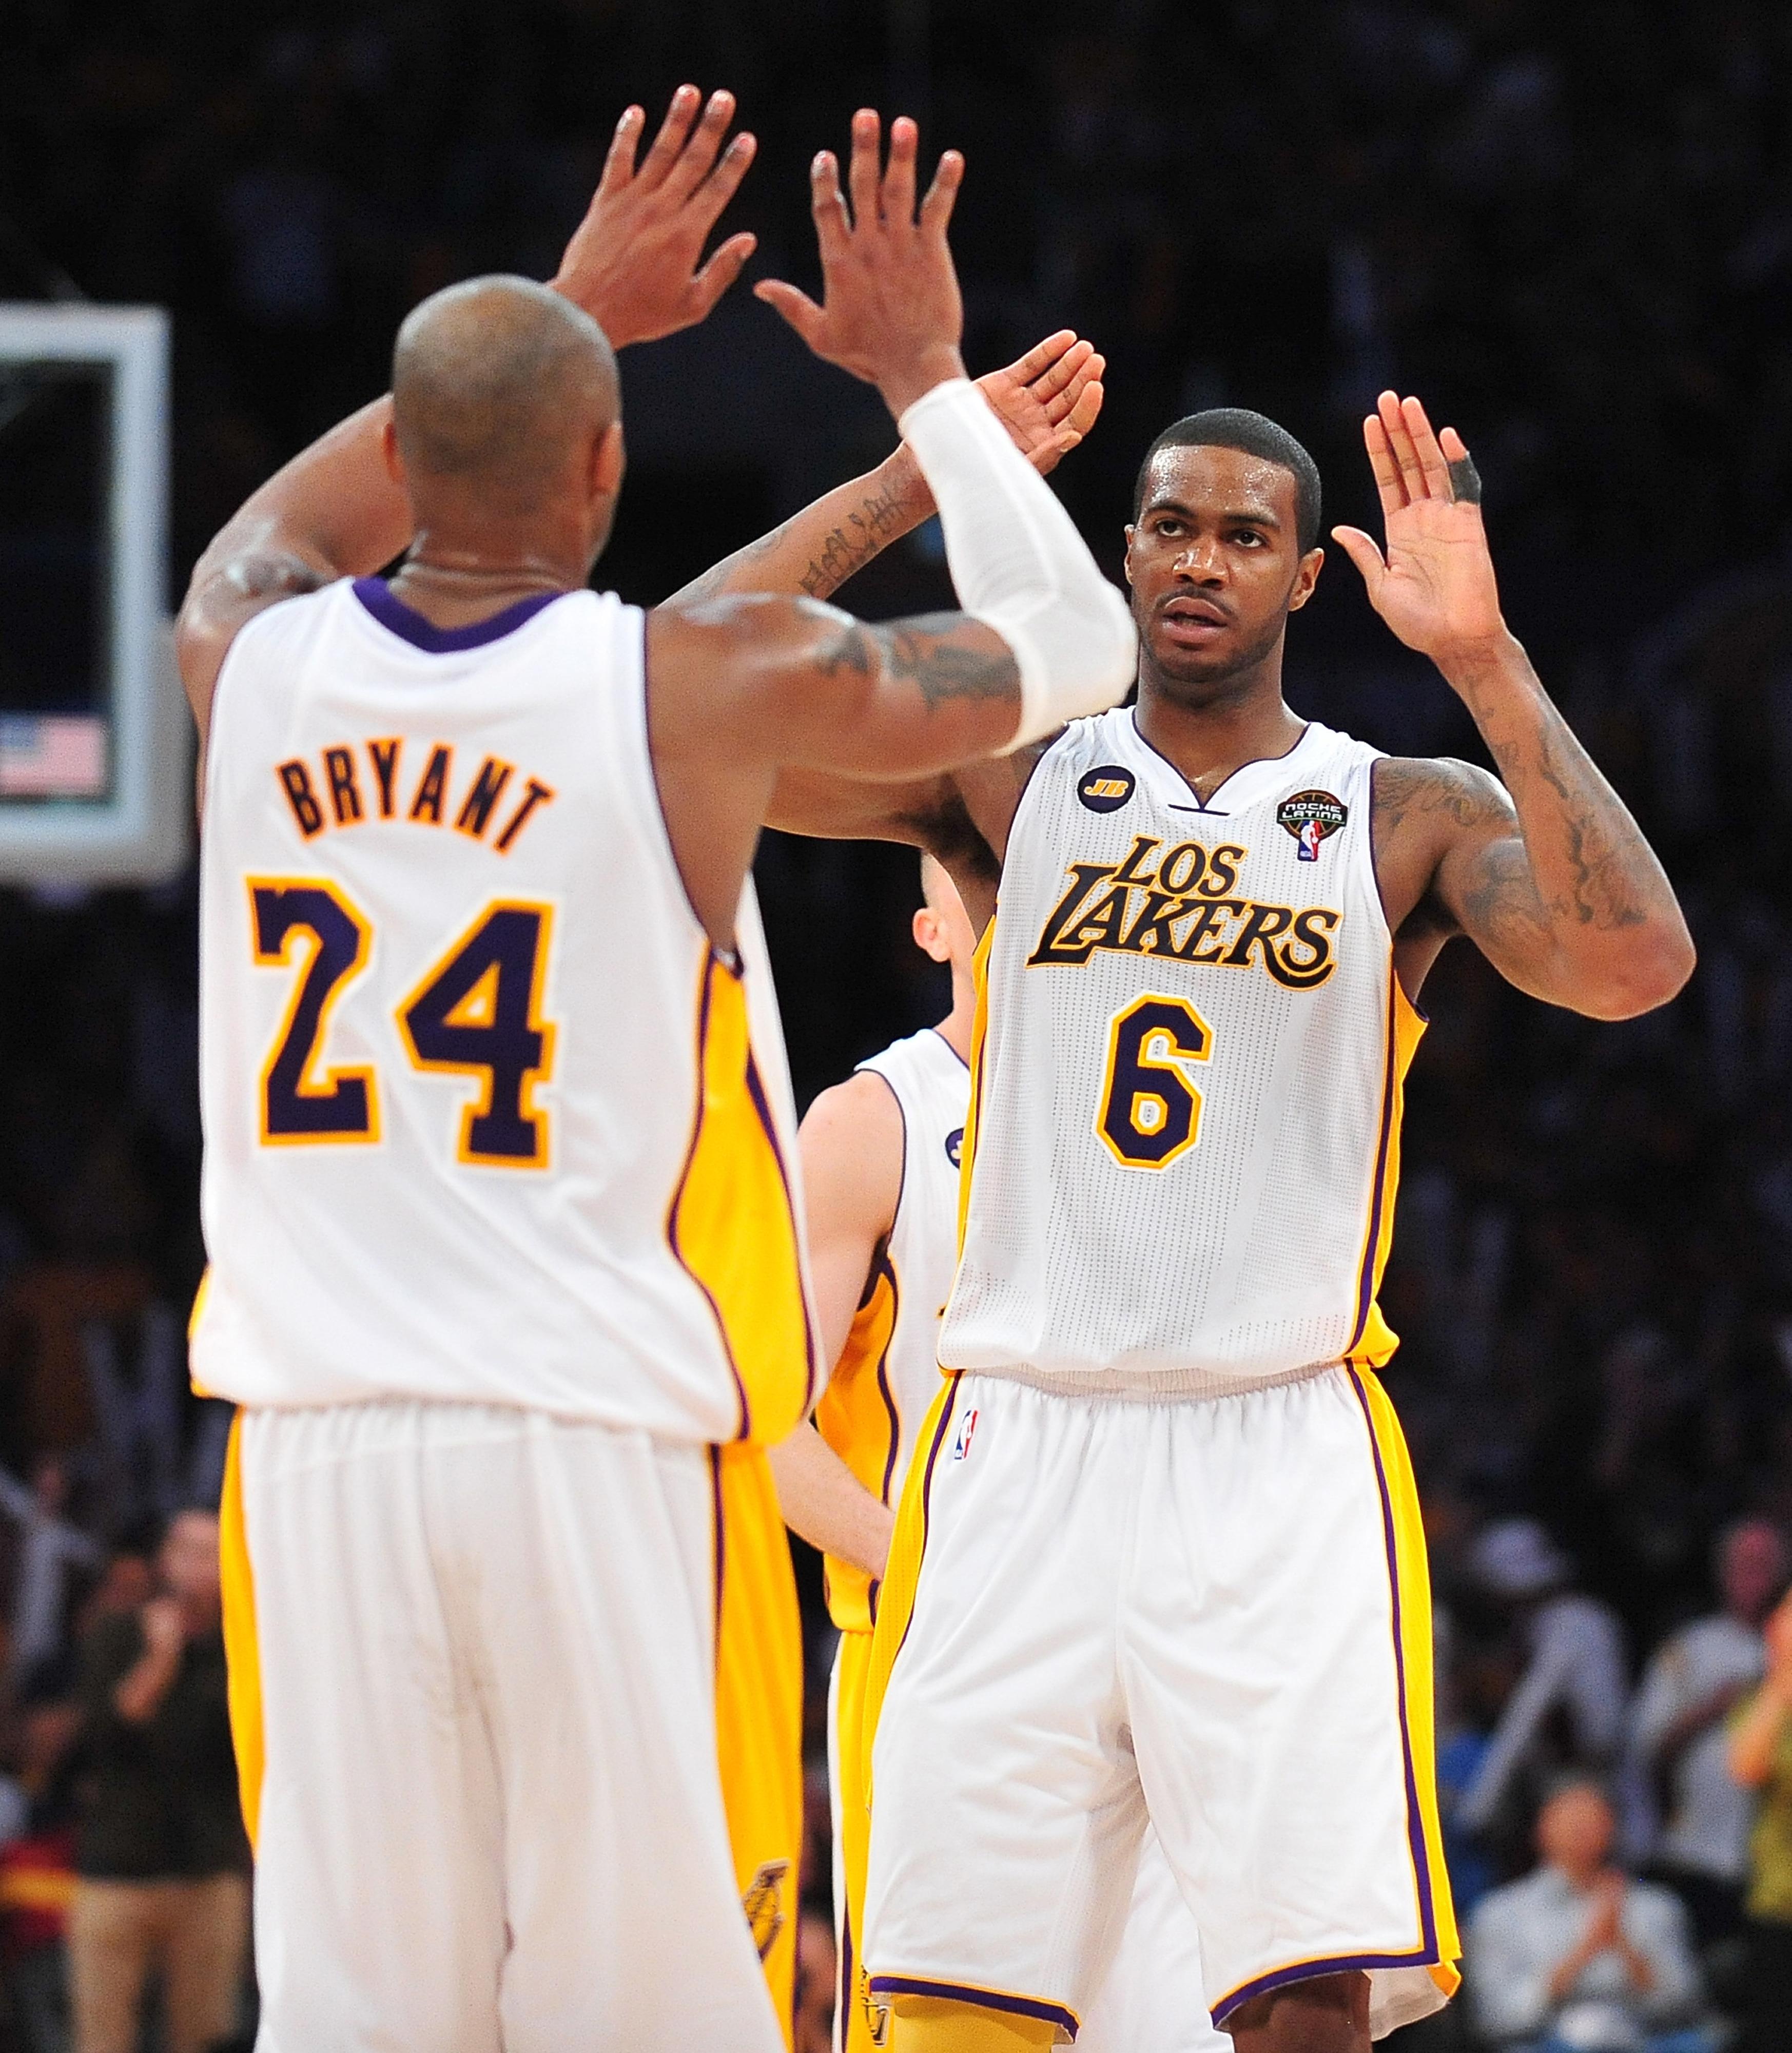 Kobe Bryant and Earl Clark